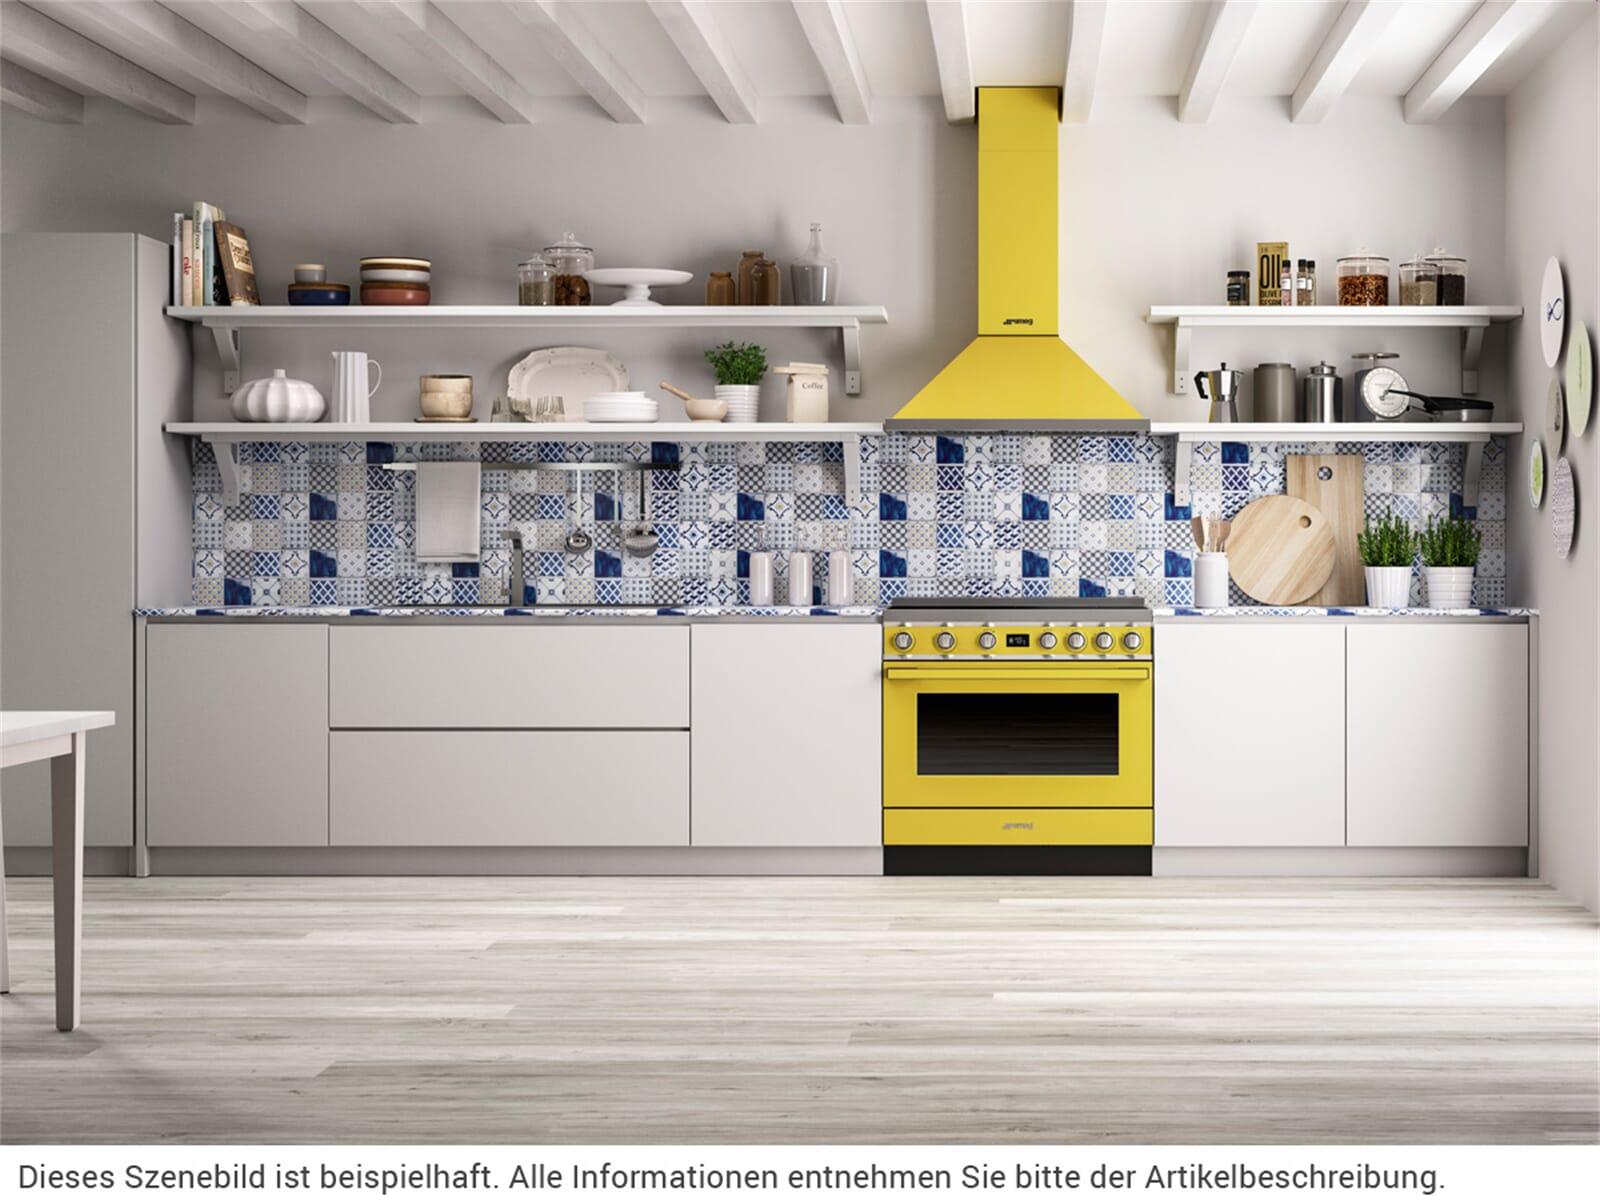 Smeg Kühlschrank Gelb : Smeg kühlschrank ebay kleinanzeigen